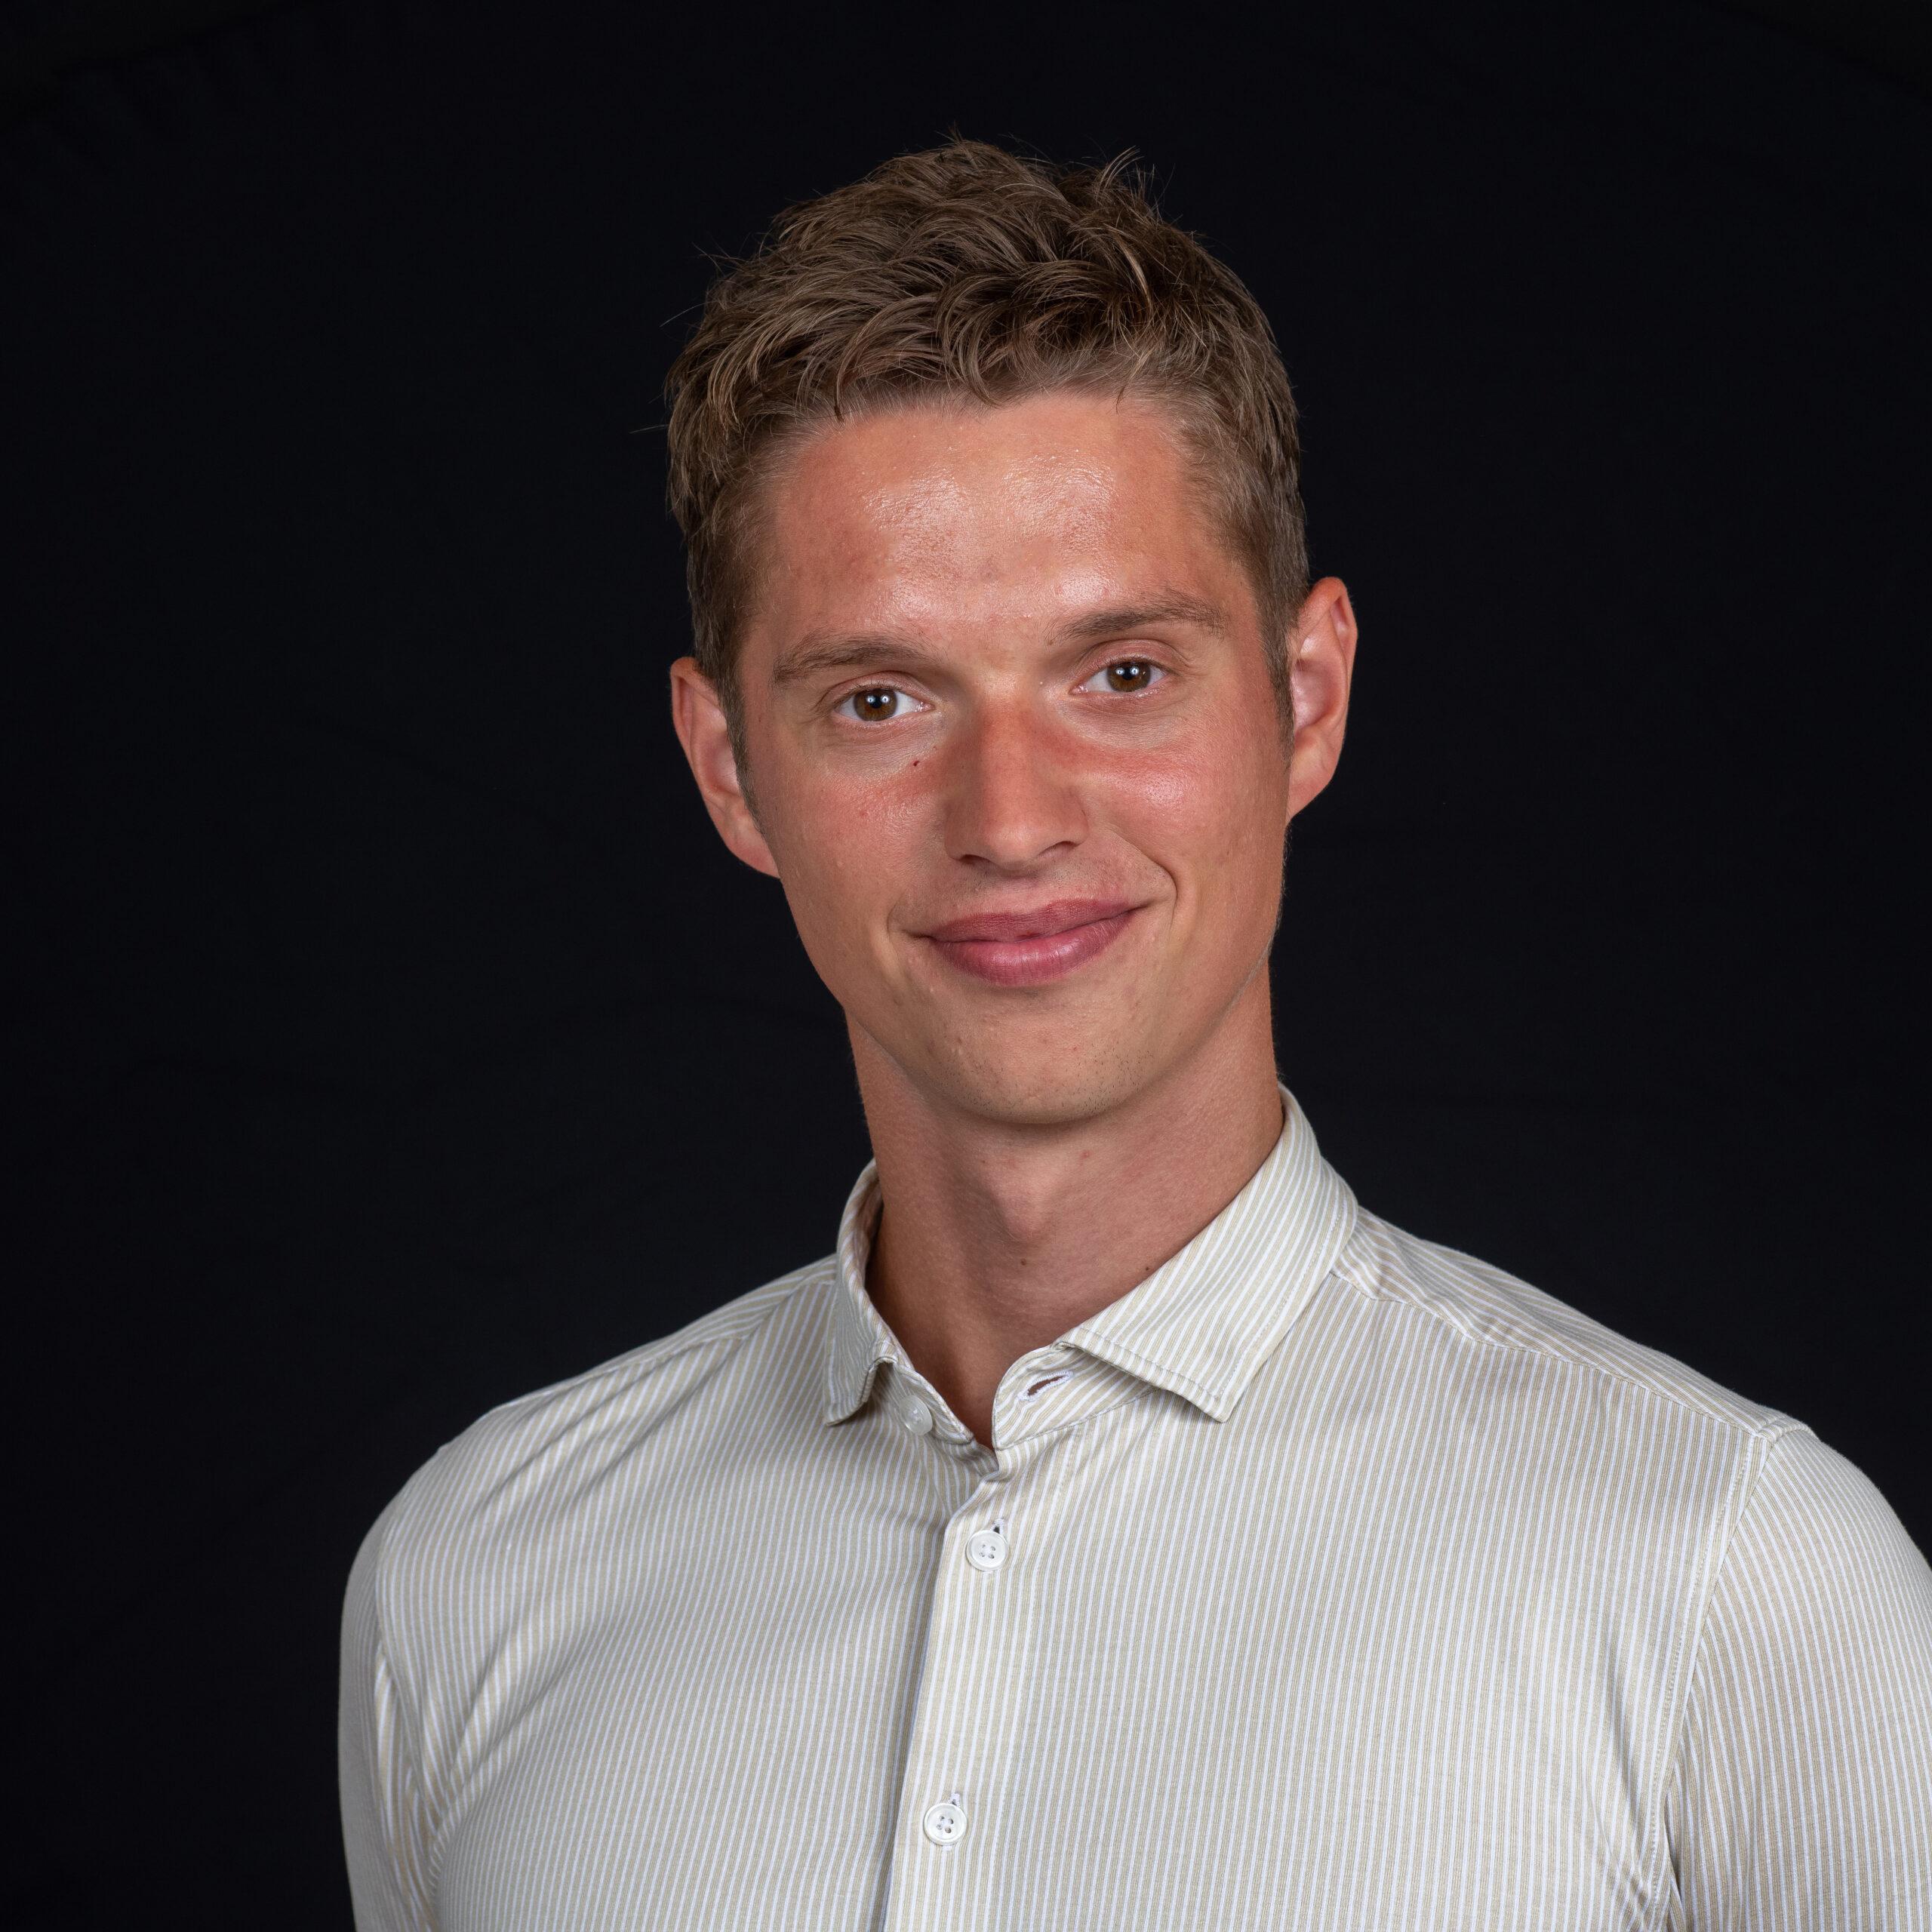 Nicolai Kofoed Løwenstein